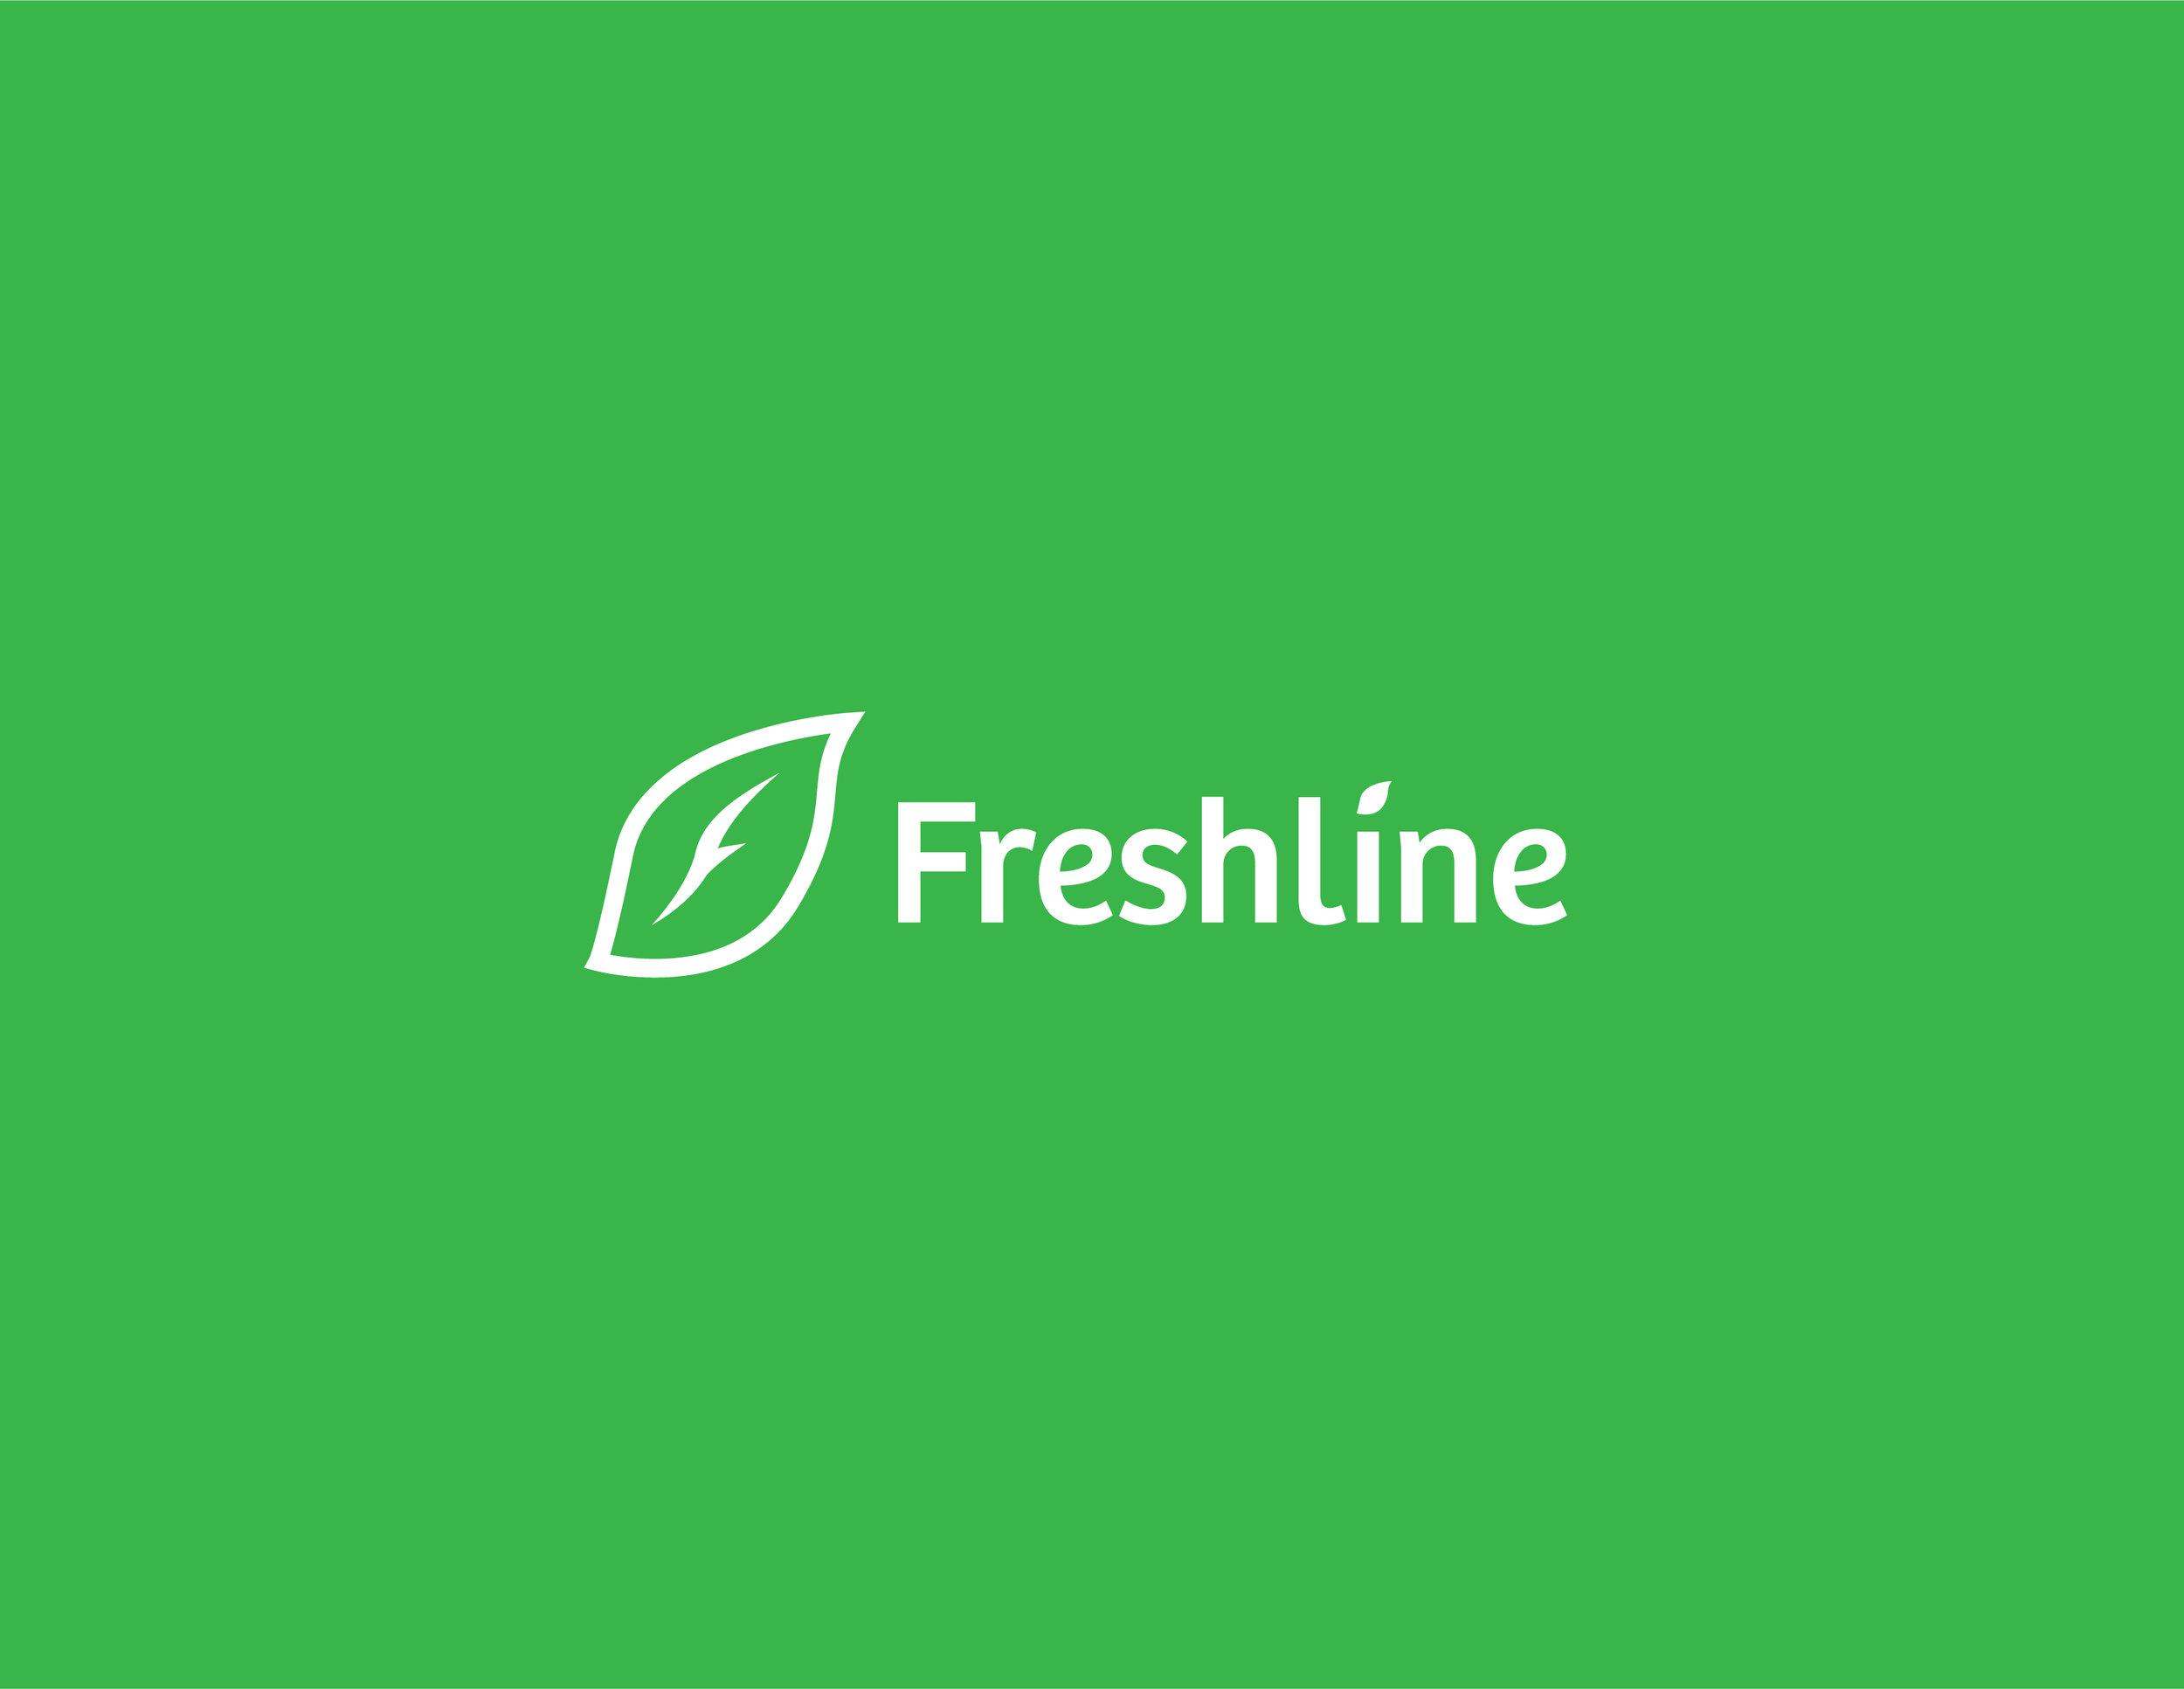 Freshline-Logo-05.jpg